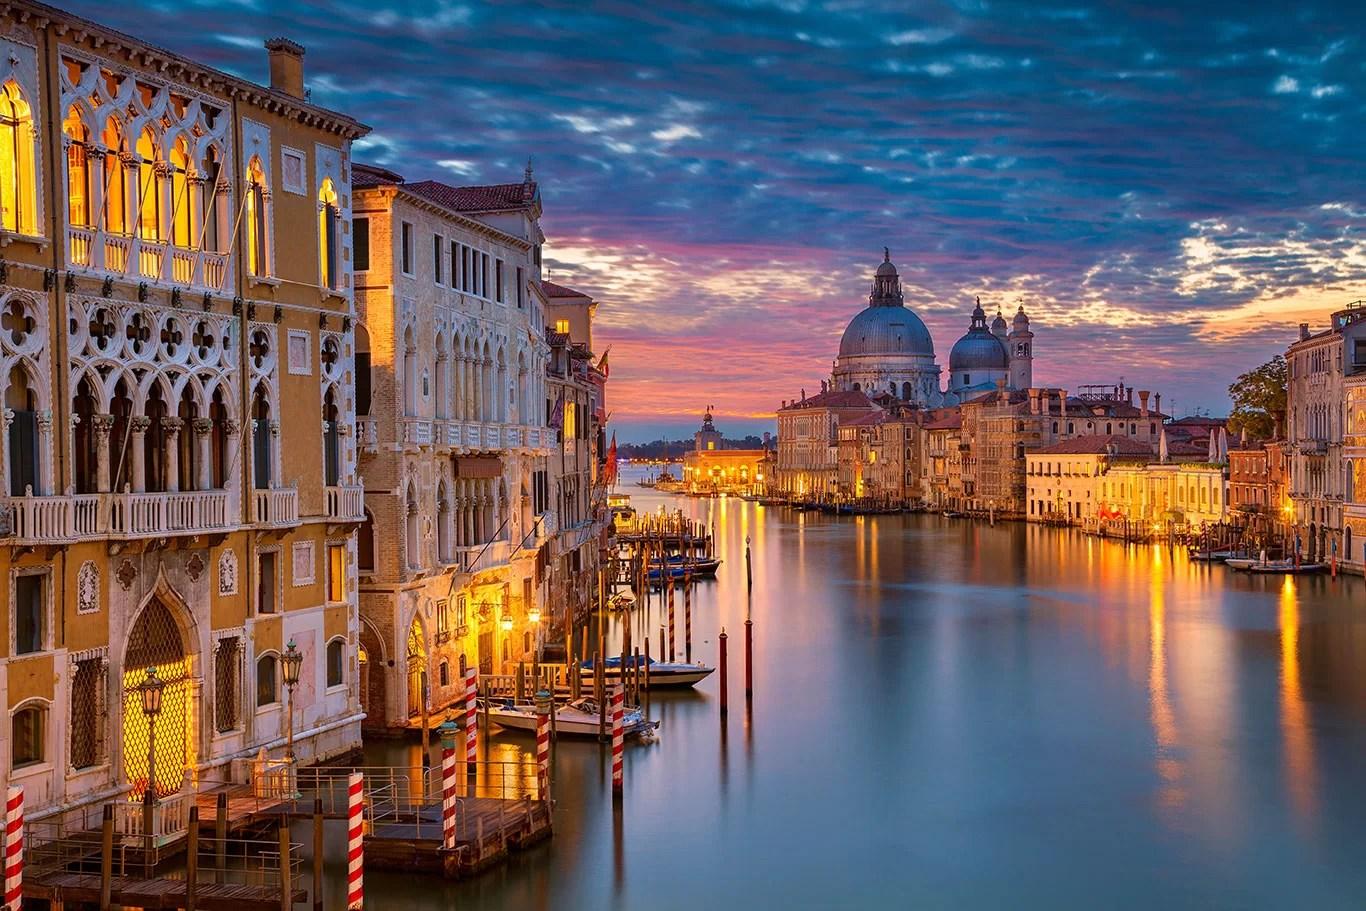 Venise-italie italie weekend romantique amoureux